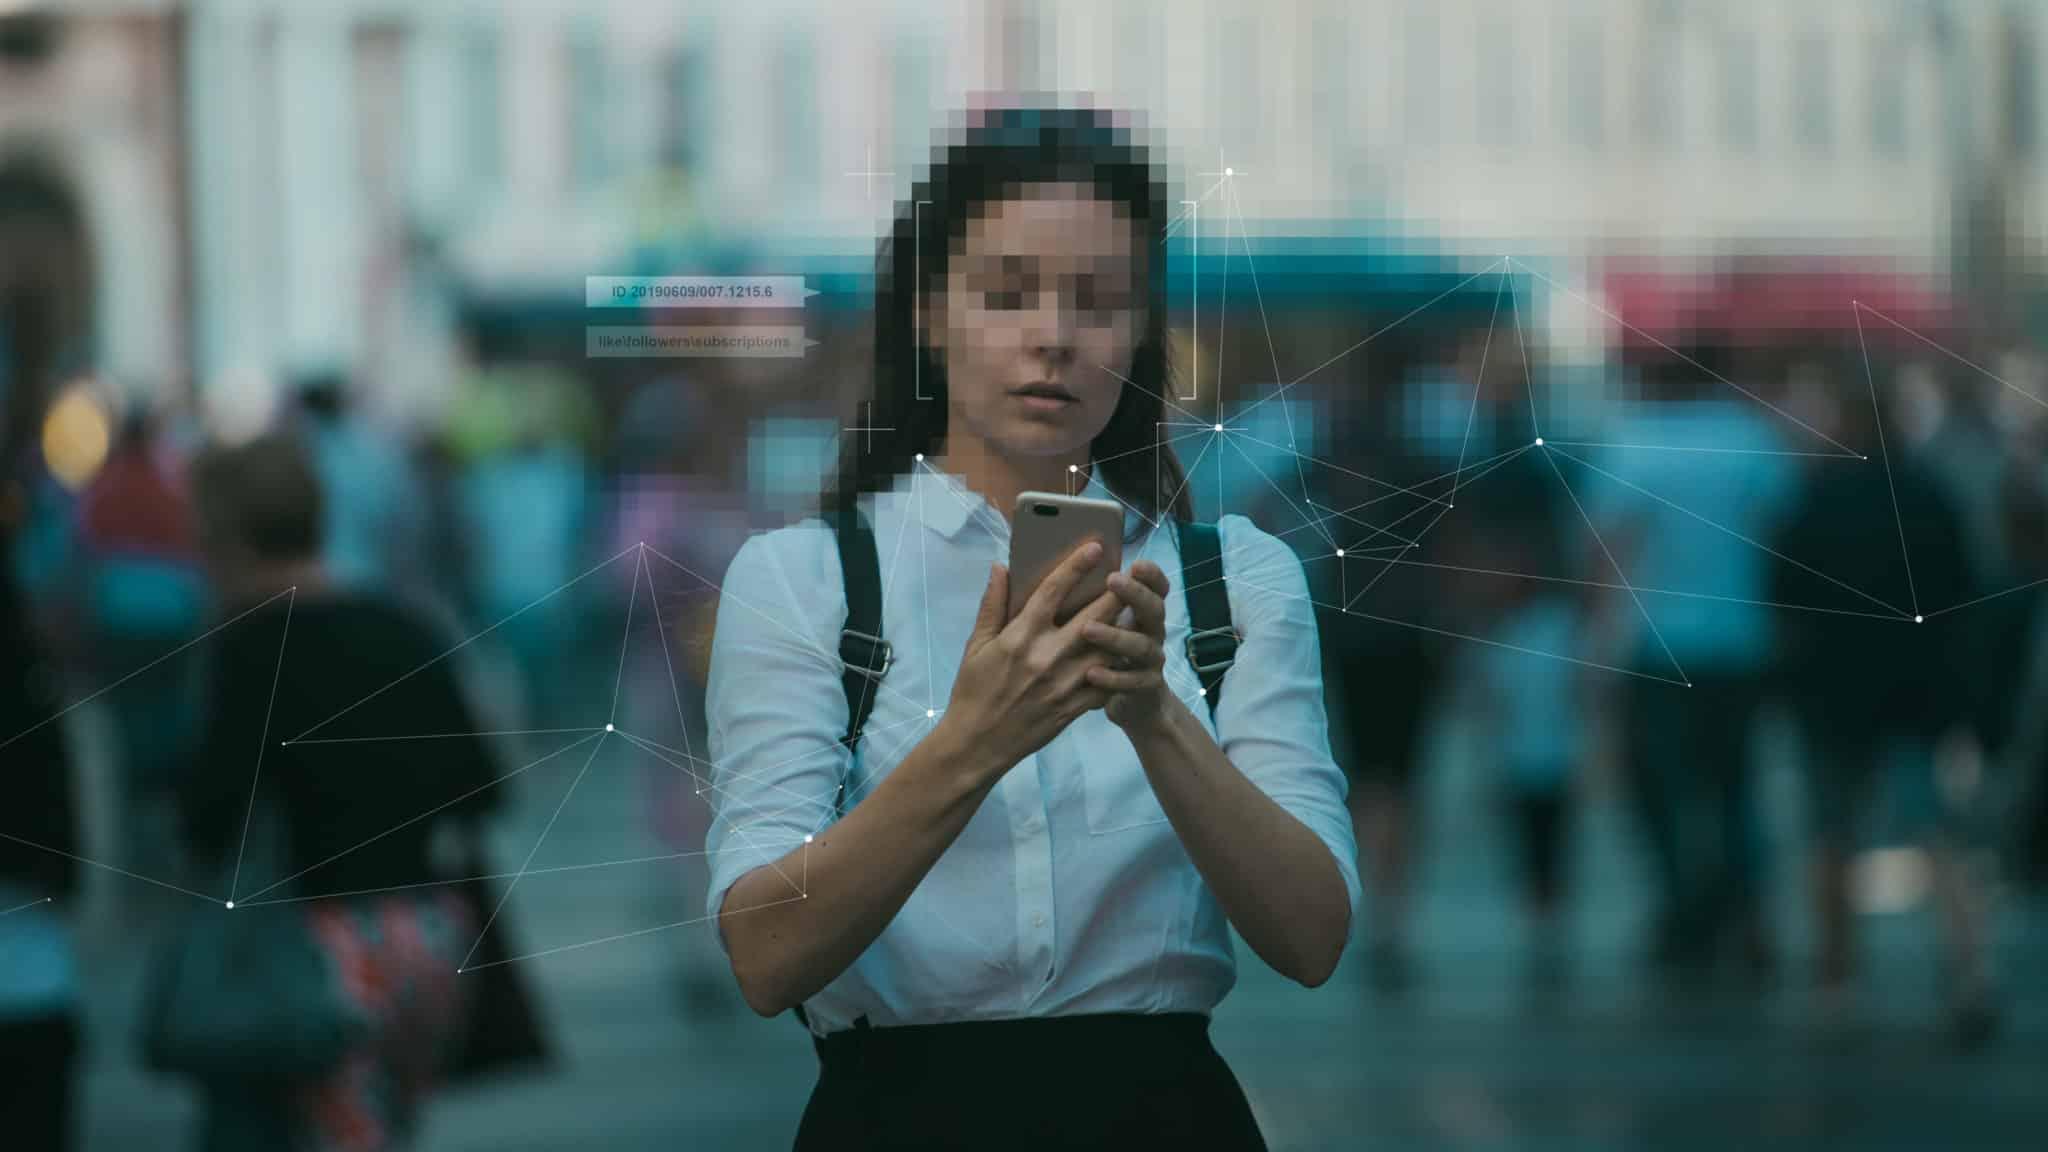 Tecnologias por trás da (IA) Inteligência Artificial, contexto, vantagens e cuidados necessários no mundo digital.